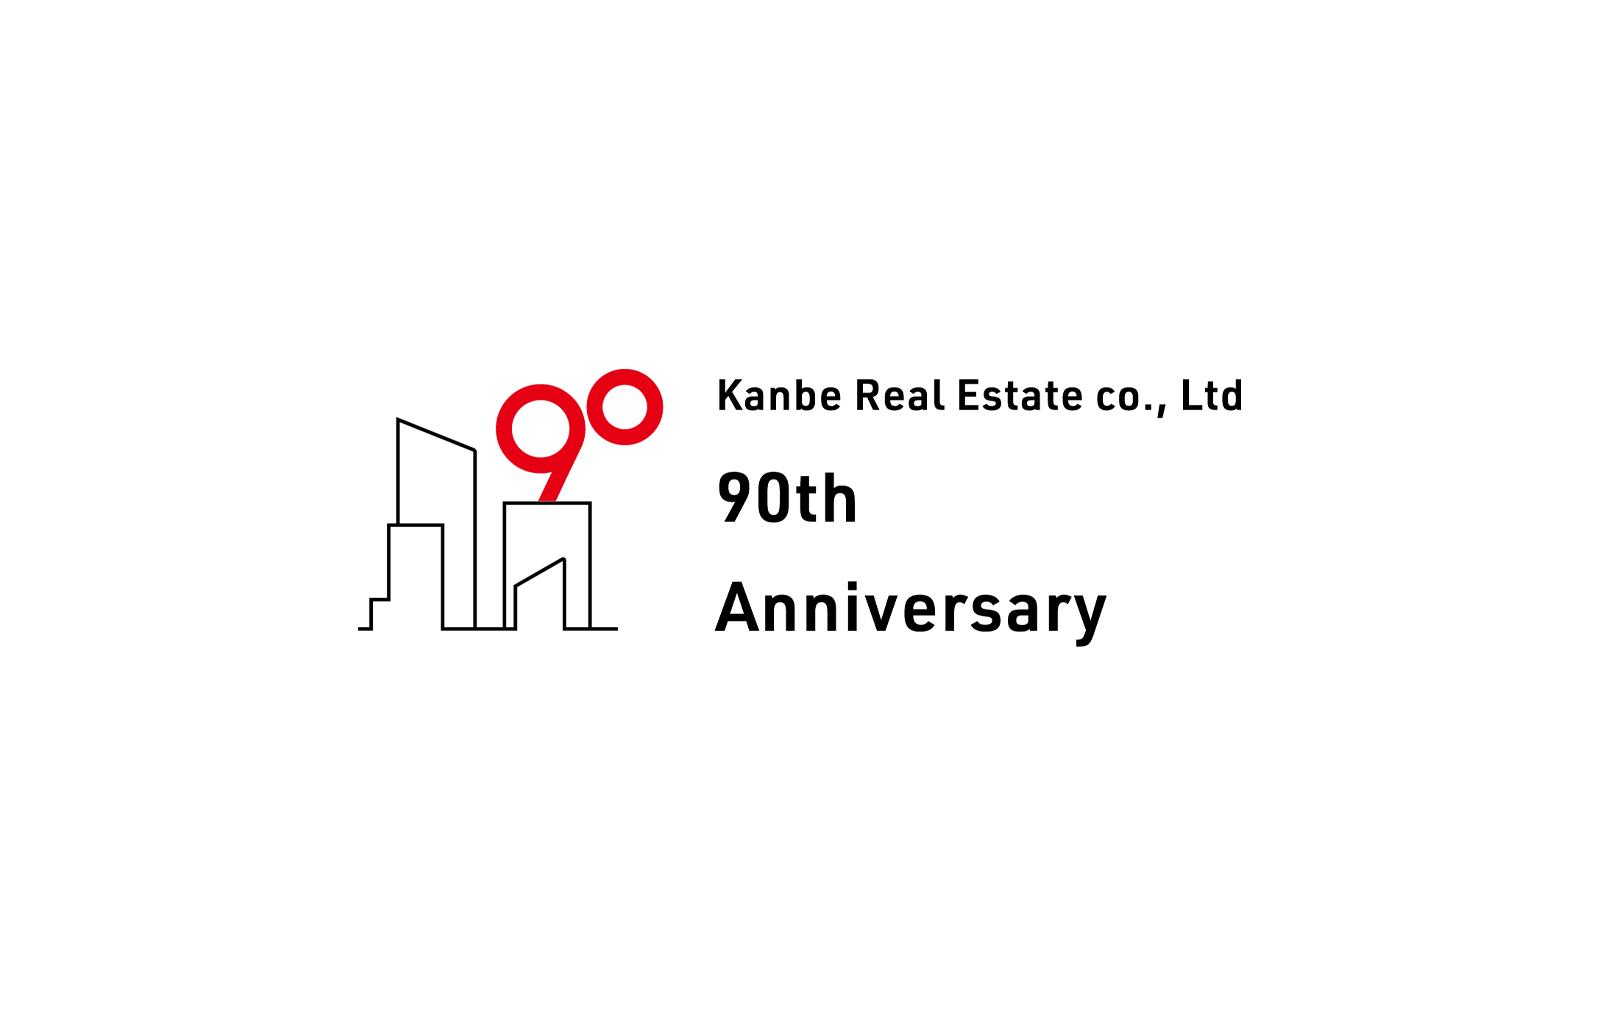 かんべ土地建物株式会社は創立90周年